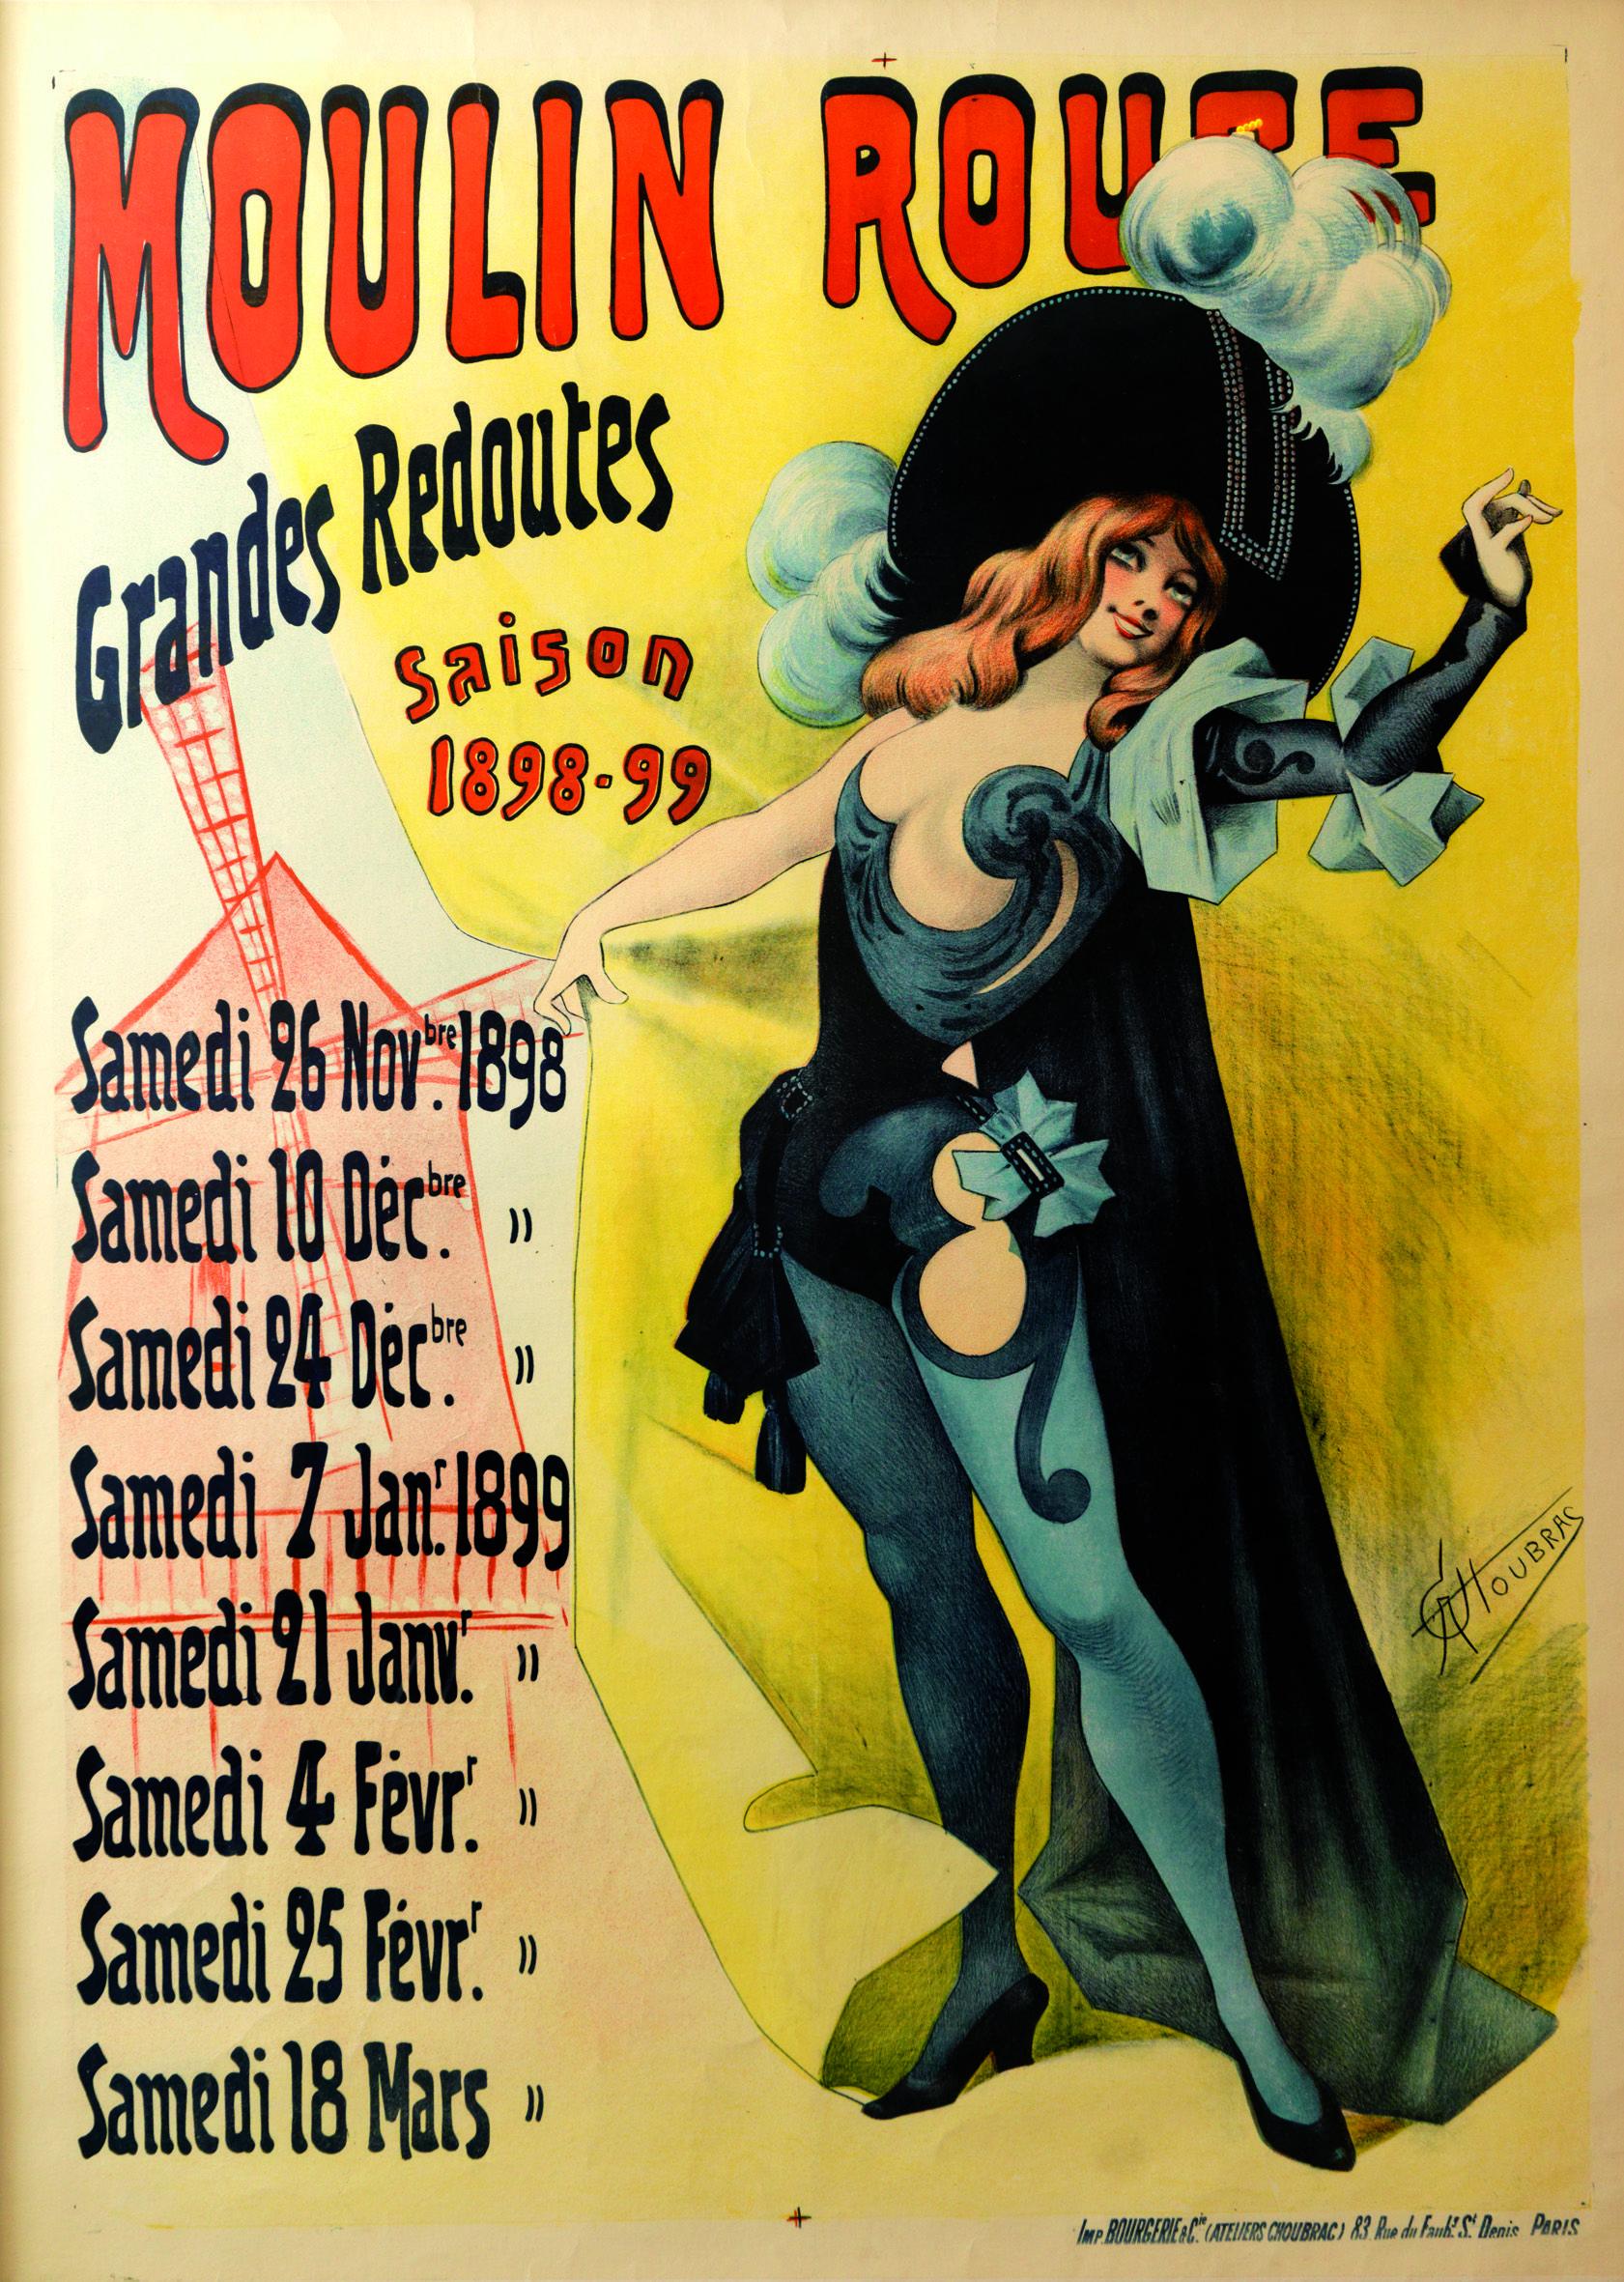 Moulin Rouge  Afficheposter  1898 #Moulinrouge #Poster